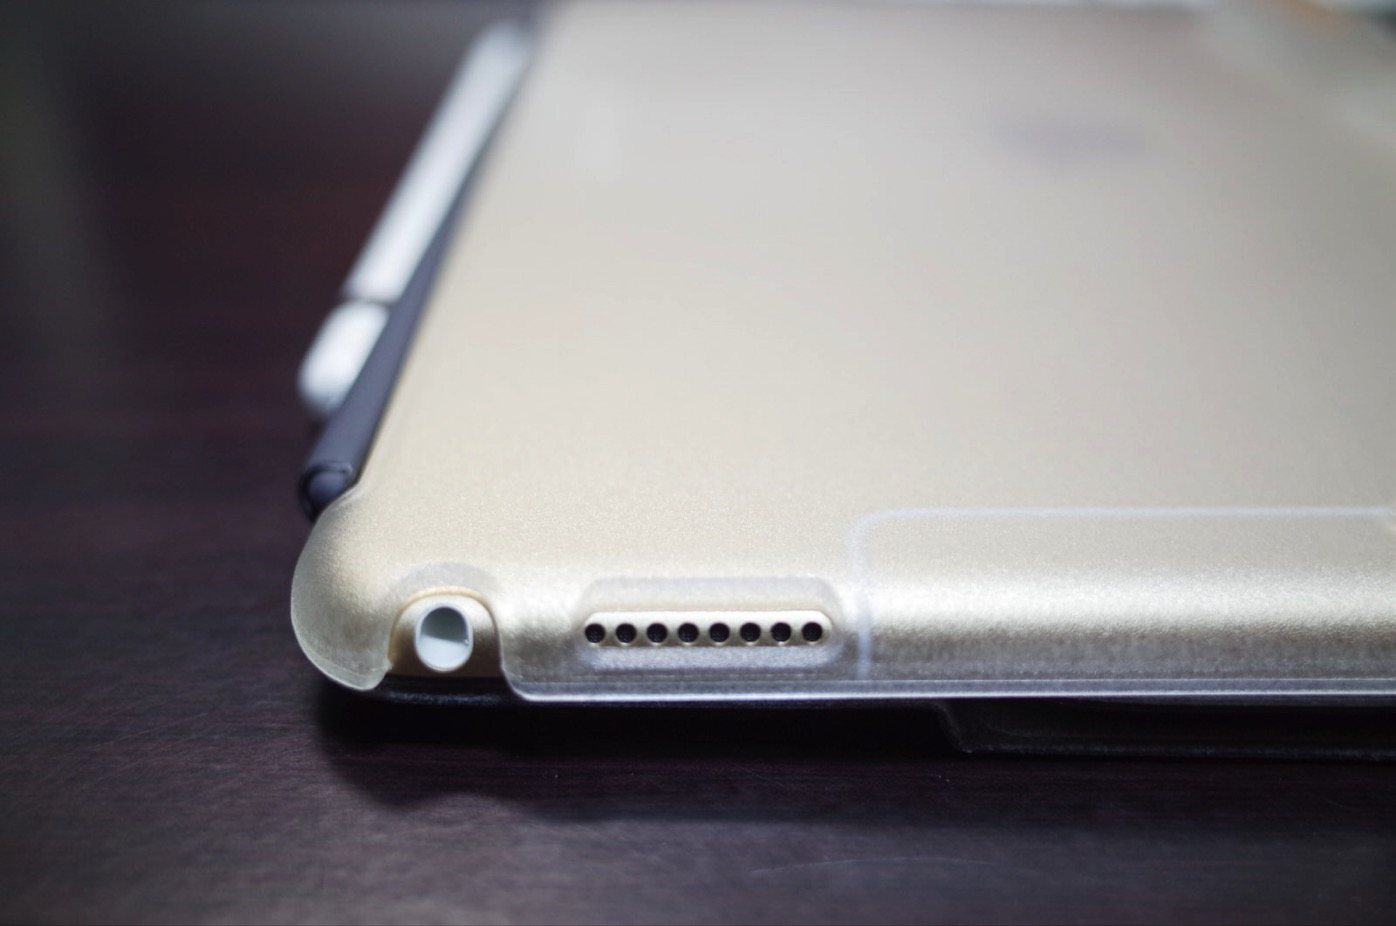 iPad Pro 10.5 ケース SwitchEasy CoverBuddy ハード バック カバー Apple Pencil 収納付き 純正 スマートキーボード 対応-11